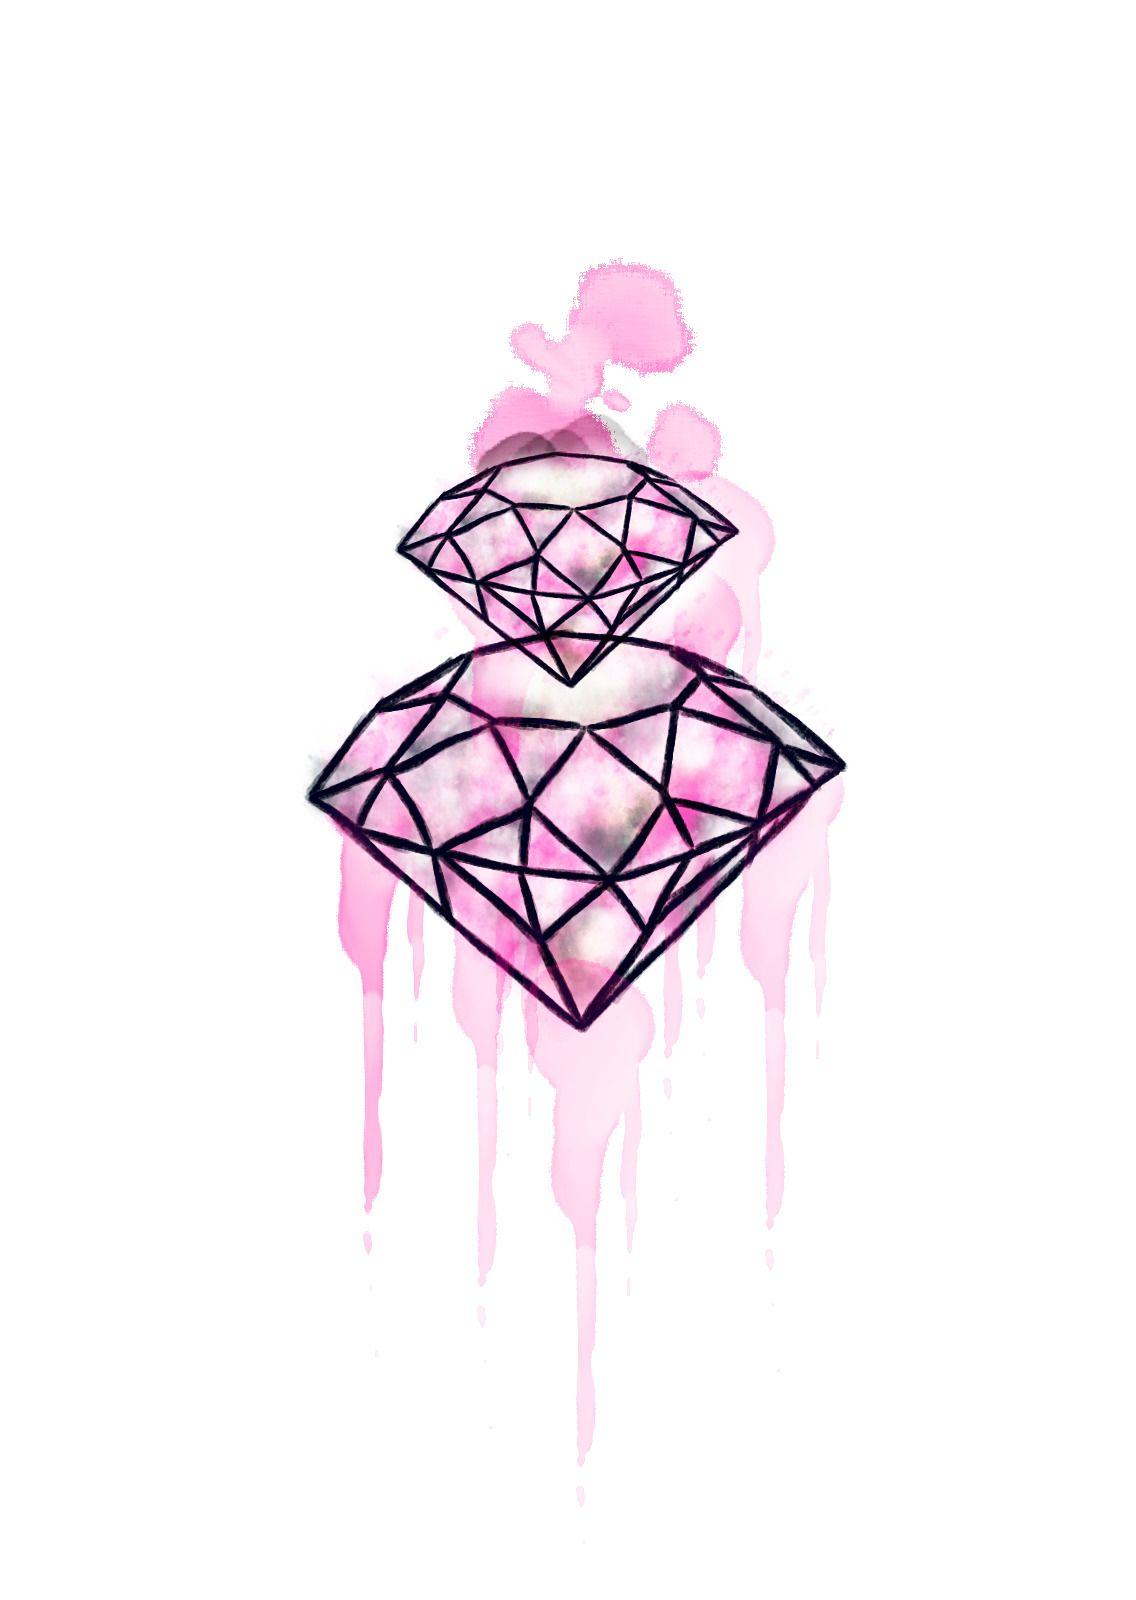 Природы осенью, картинки с алмазами нарисованные